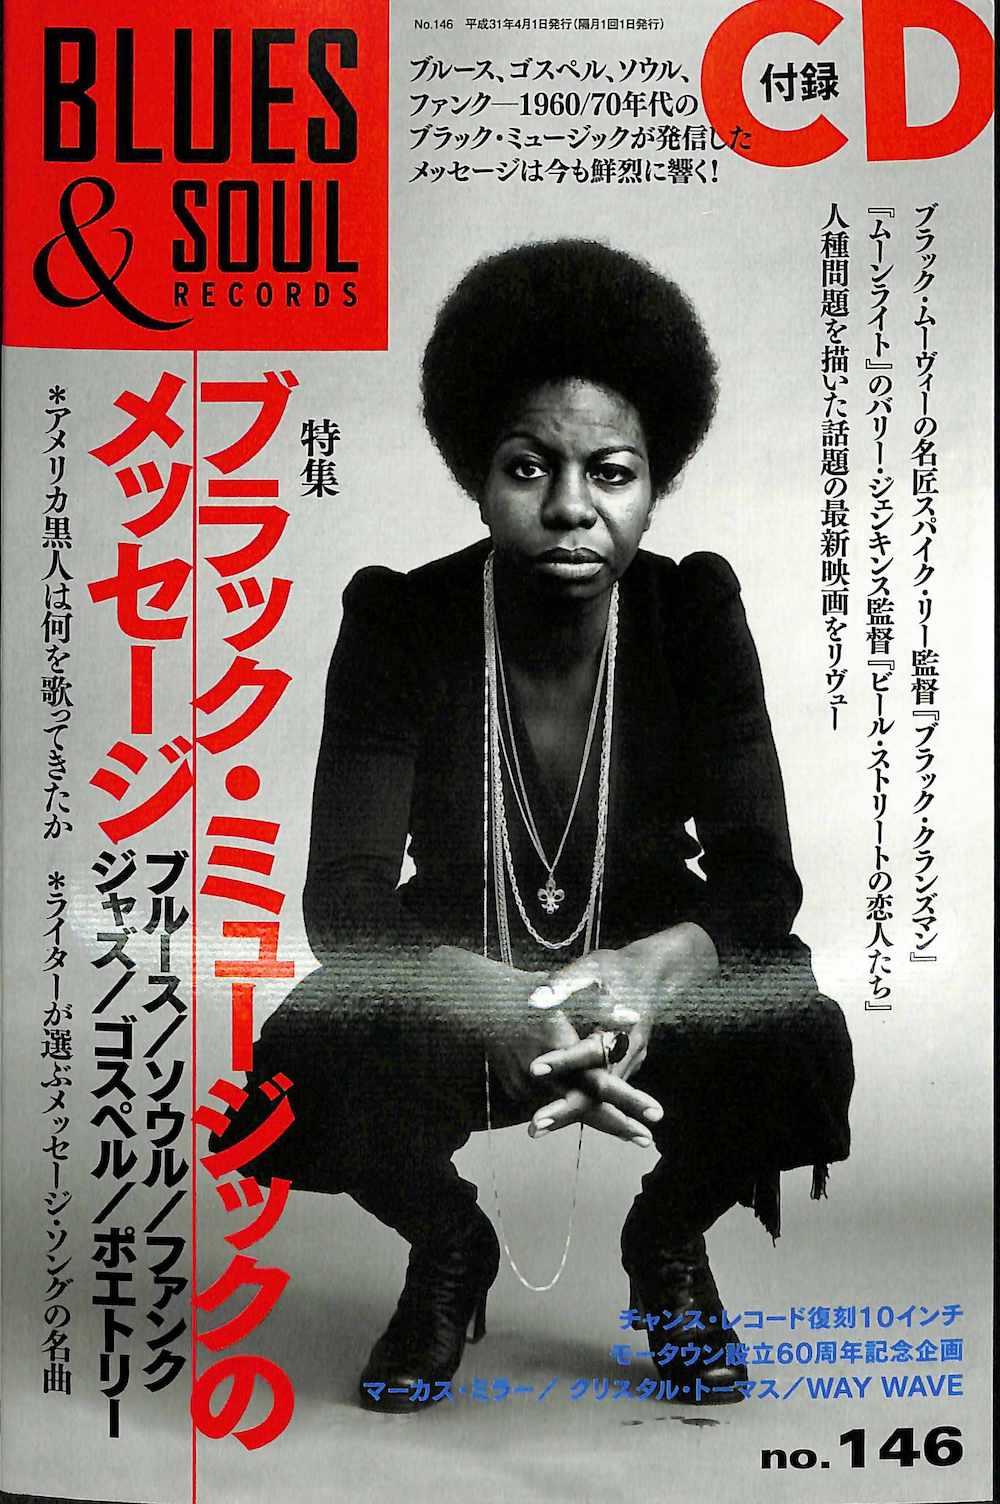 ブルース & ソウル・レコーズ - Blues & Soul Records No. 146 - Livre